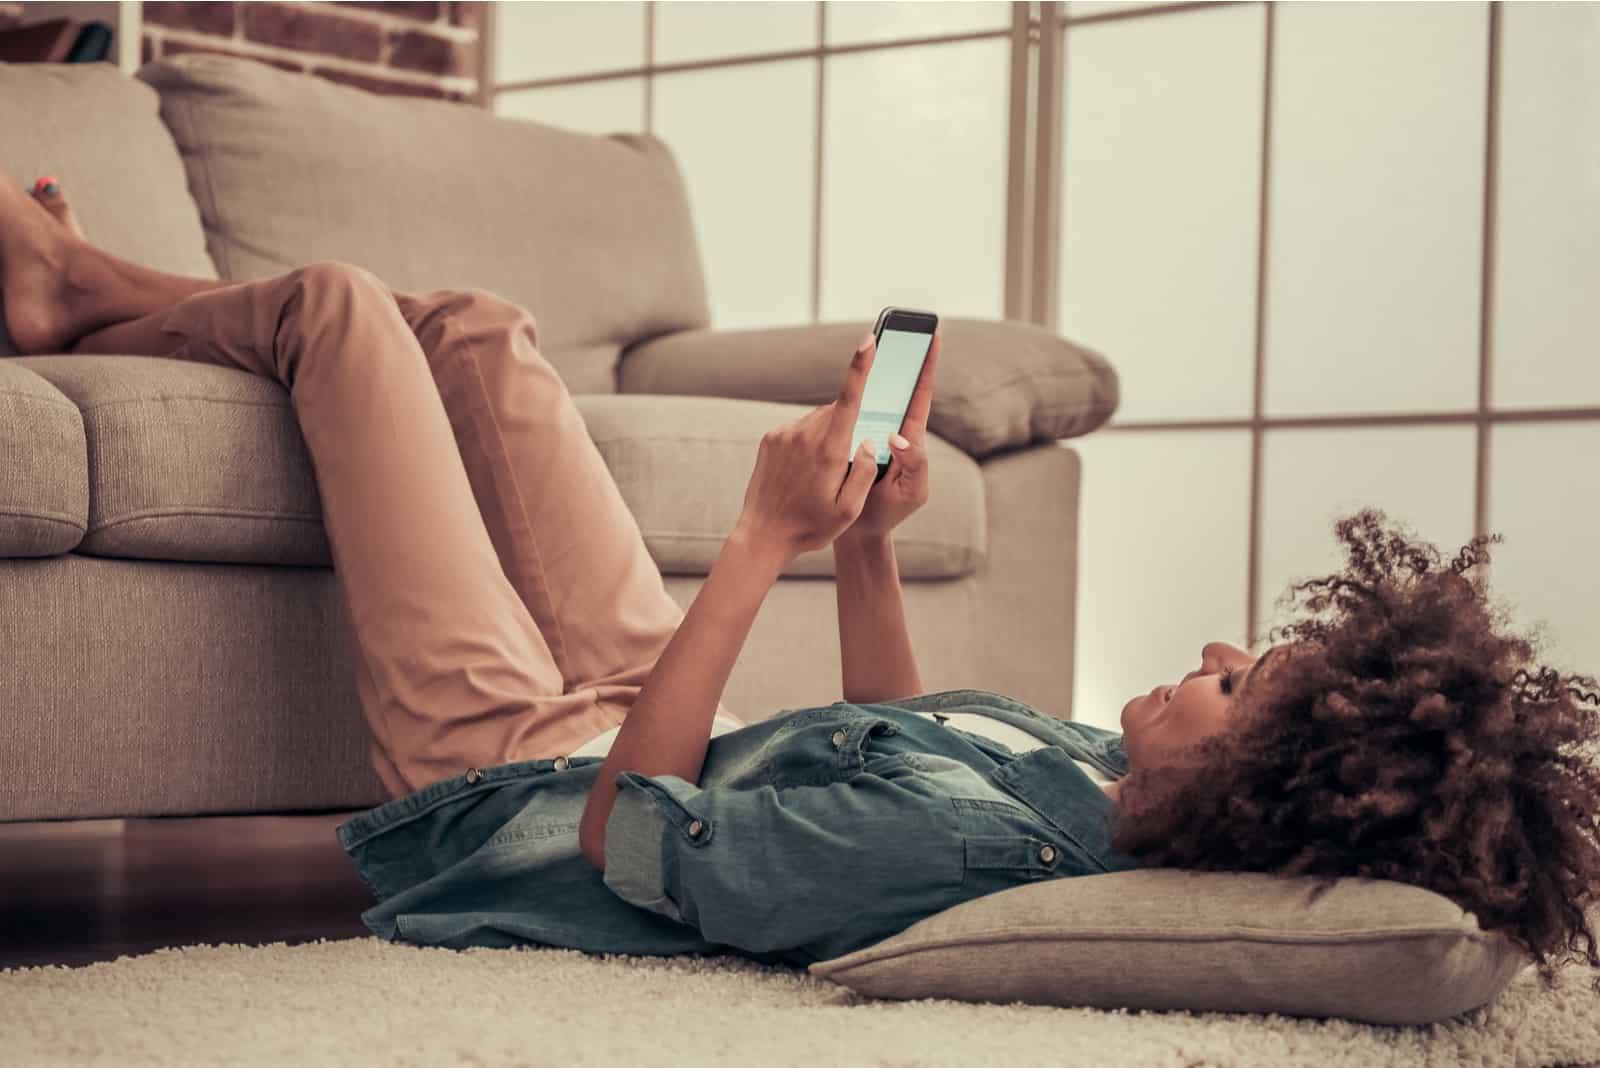 une femme aux cheveux crépus allongé sur le sol et un bouton sur le téléphone